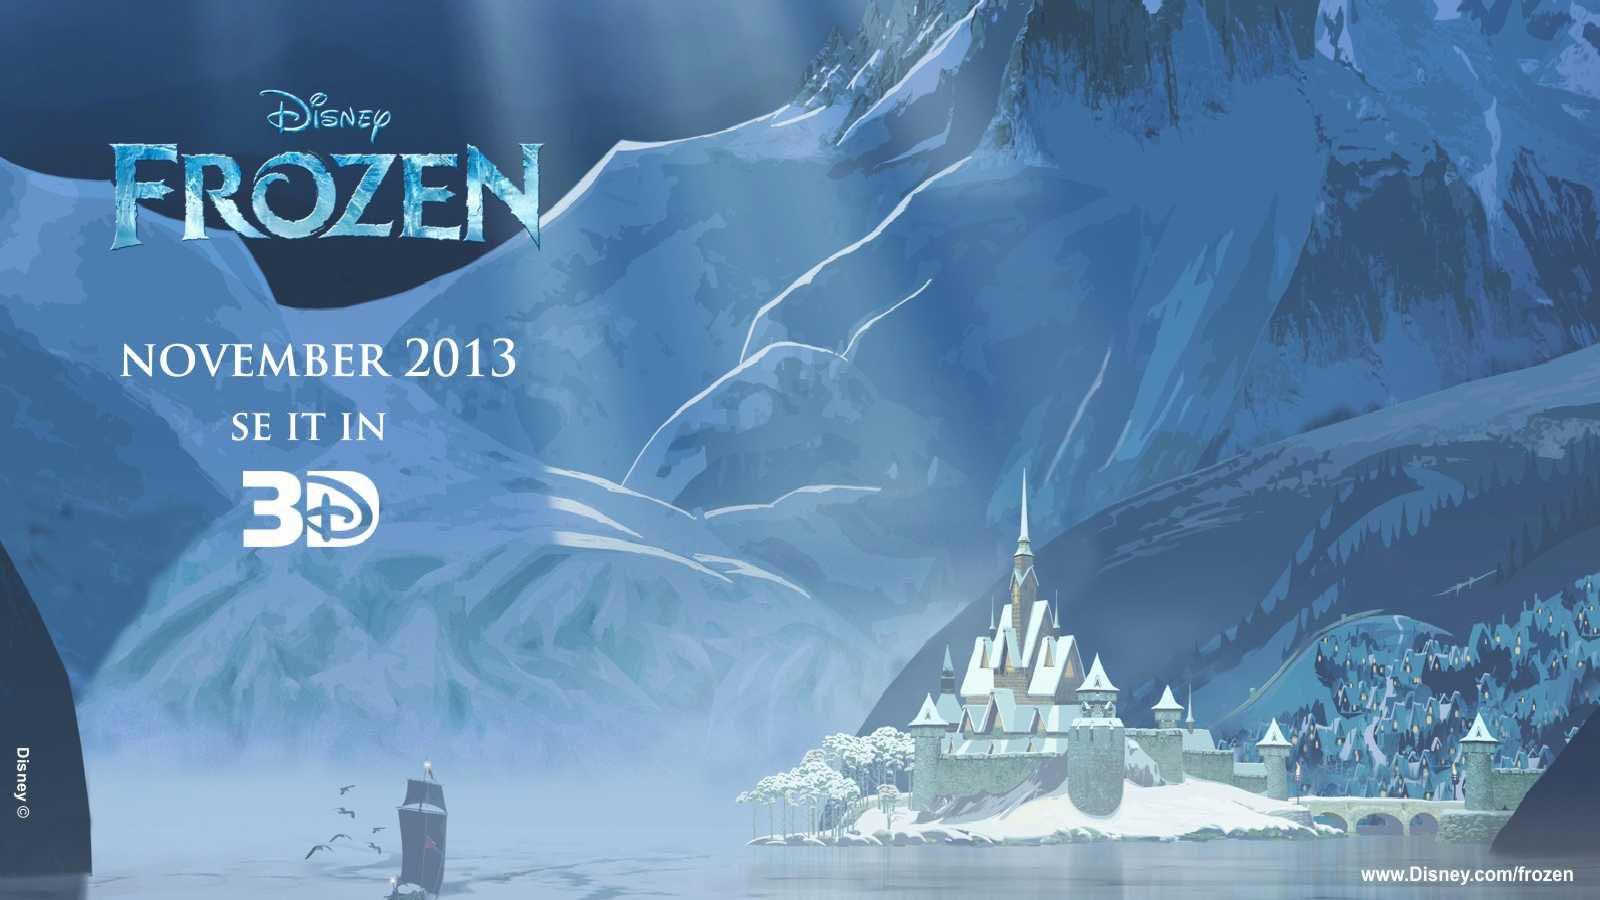 Frozen 3D Disney Cartoons Movies Wallpaper Download 1600x900